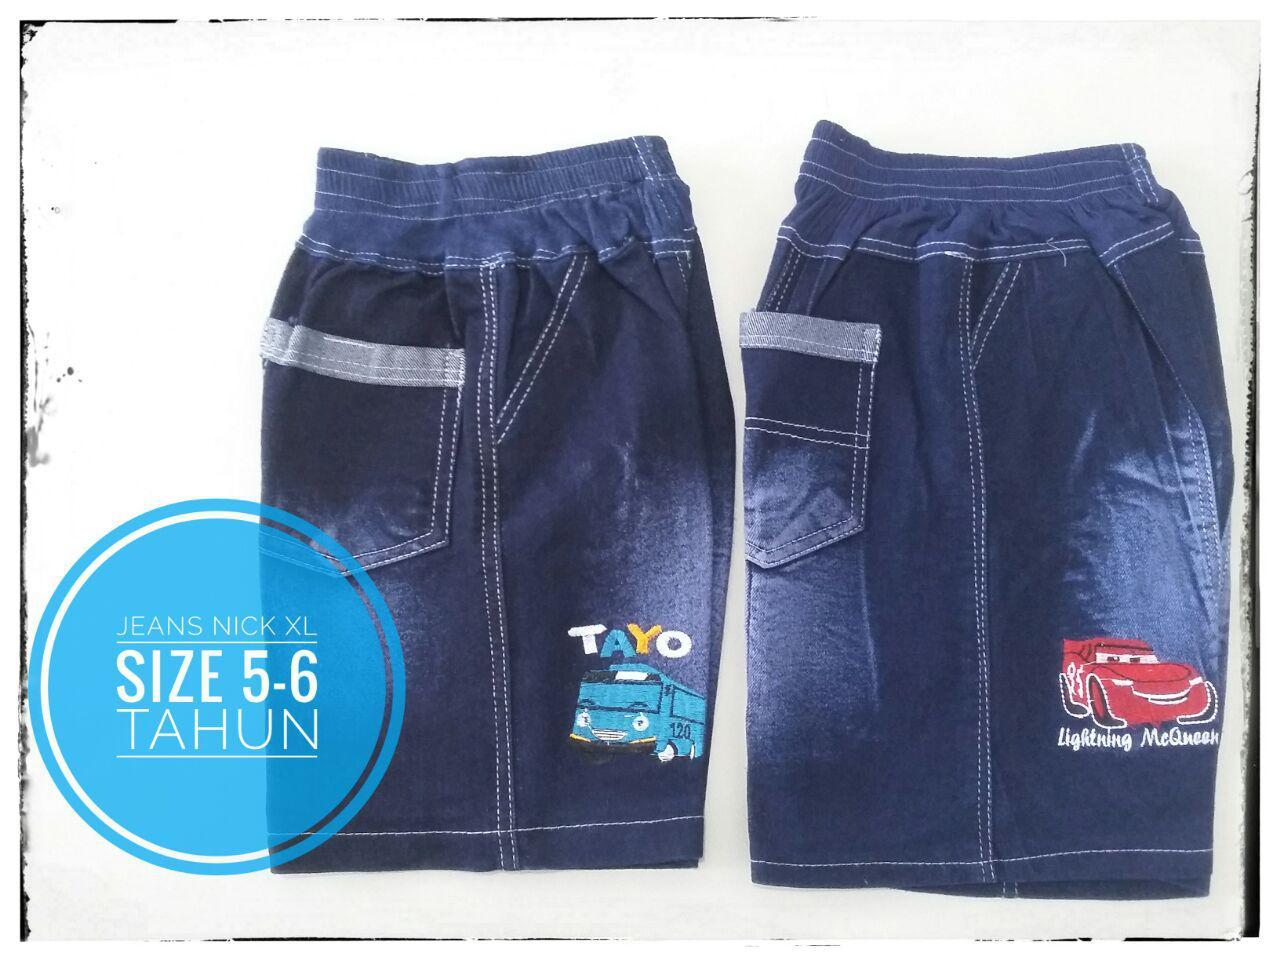 ObralanBaju.com Obral Baju Pakaian Murah Meriah 5000 Jeans Nick XL